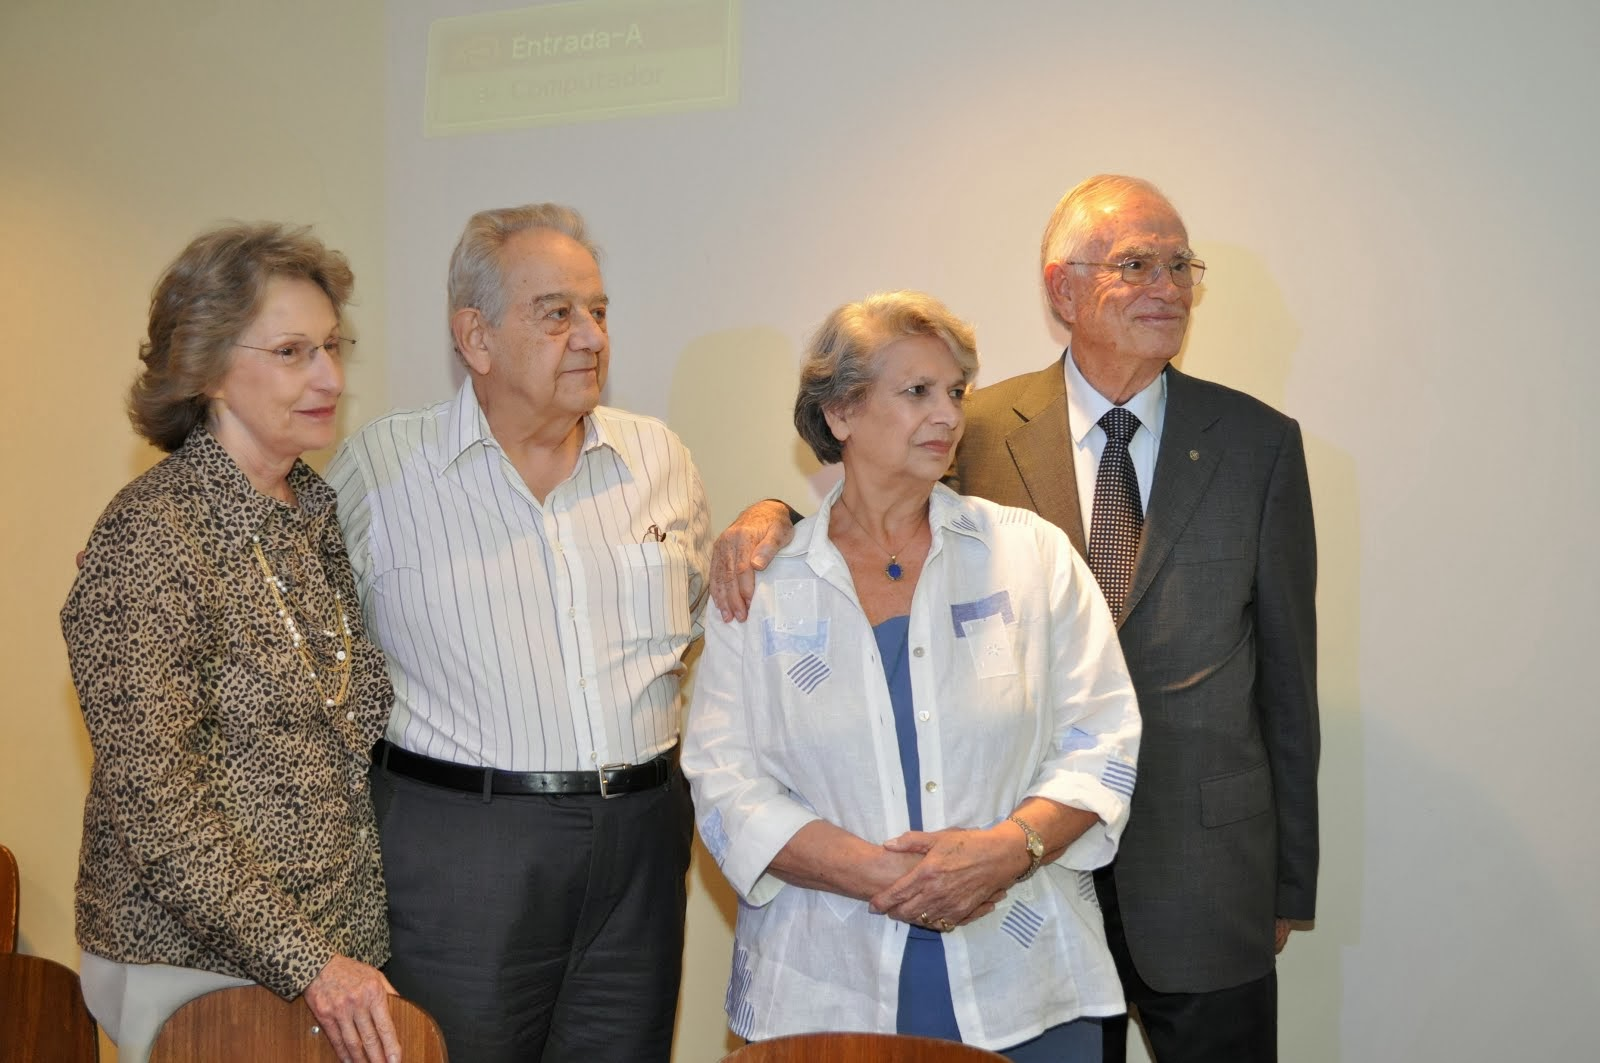 Casais Homenageados no 9º Seminário da EPB-SP 2013